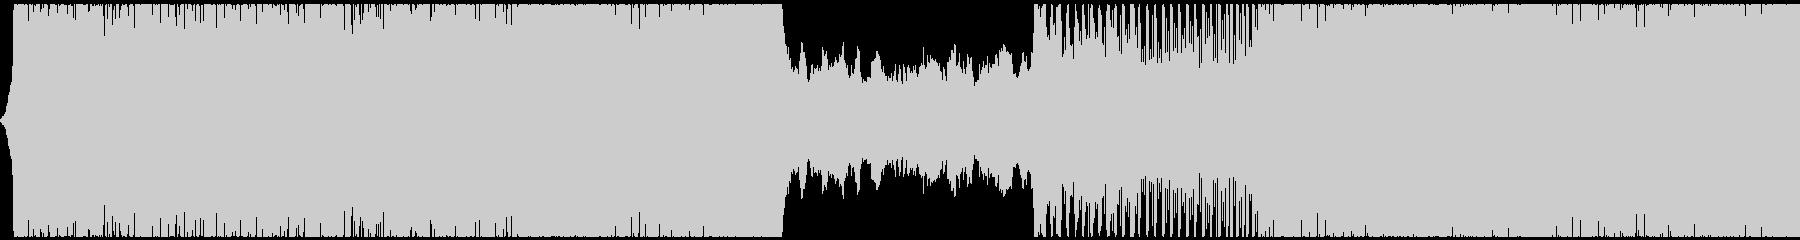 ゲーム用BGM 導入部向けテクノの未再生の波形